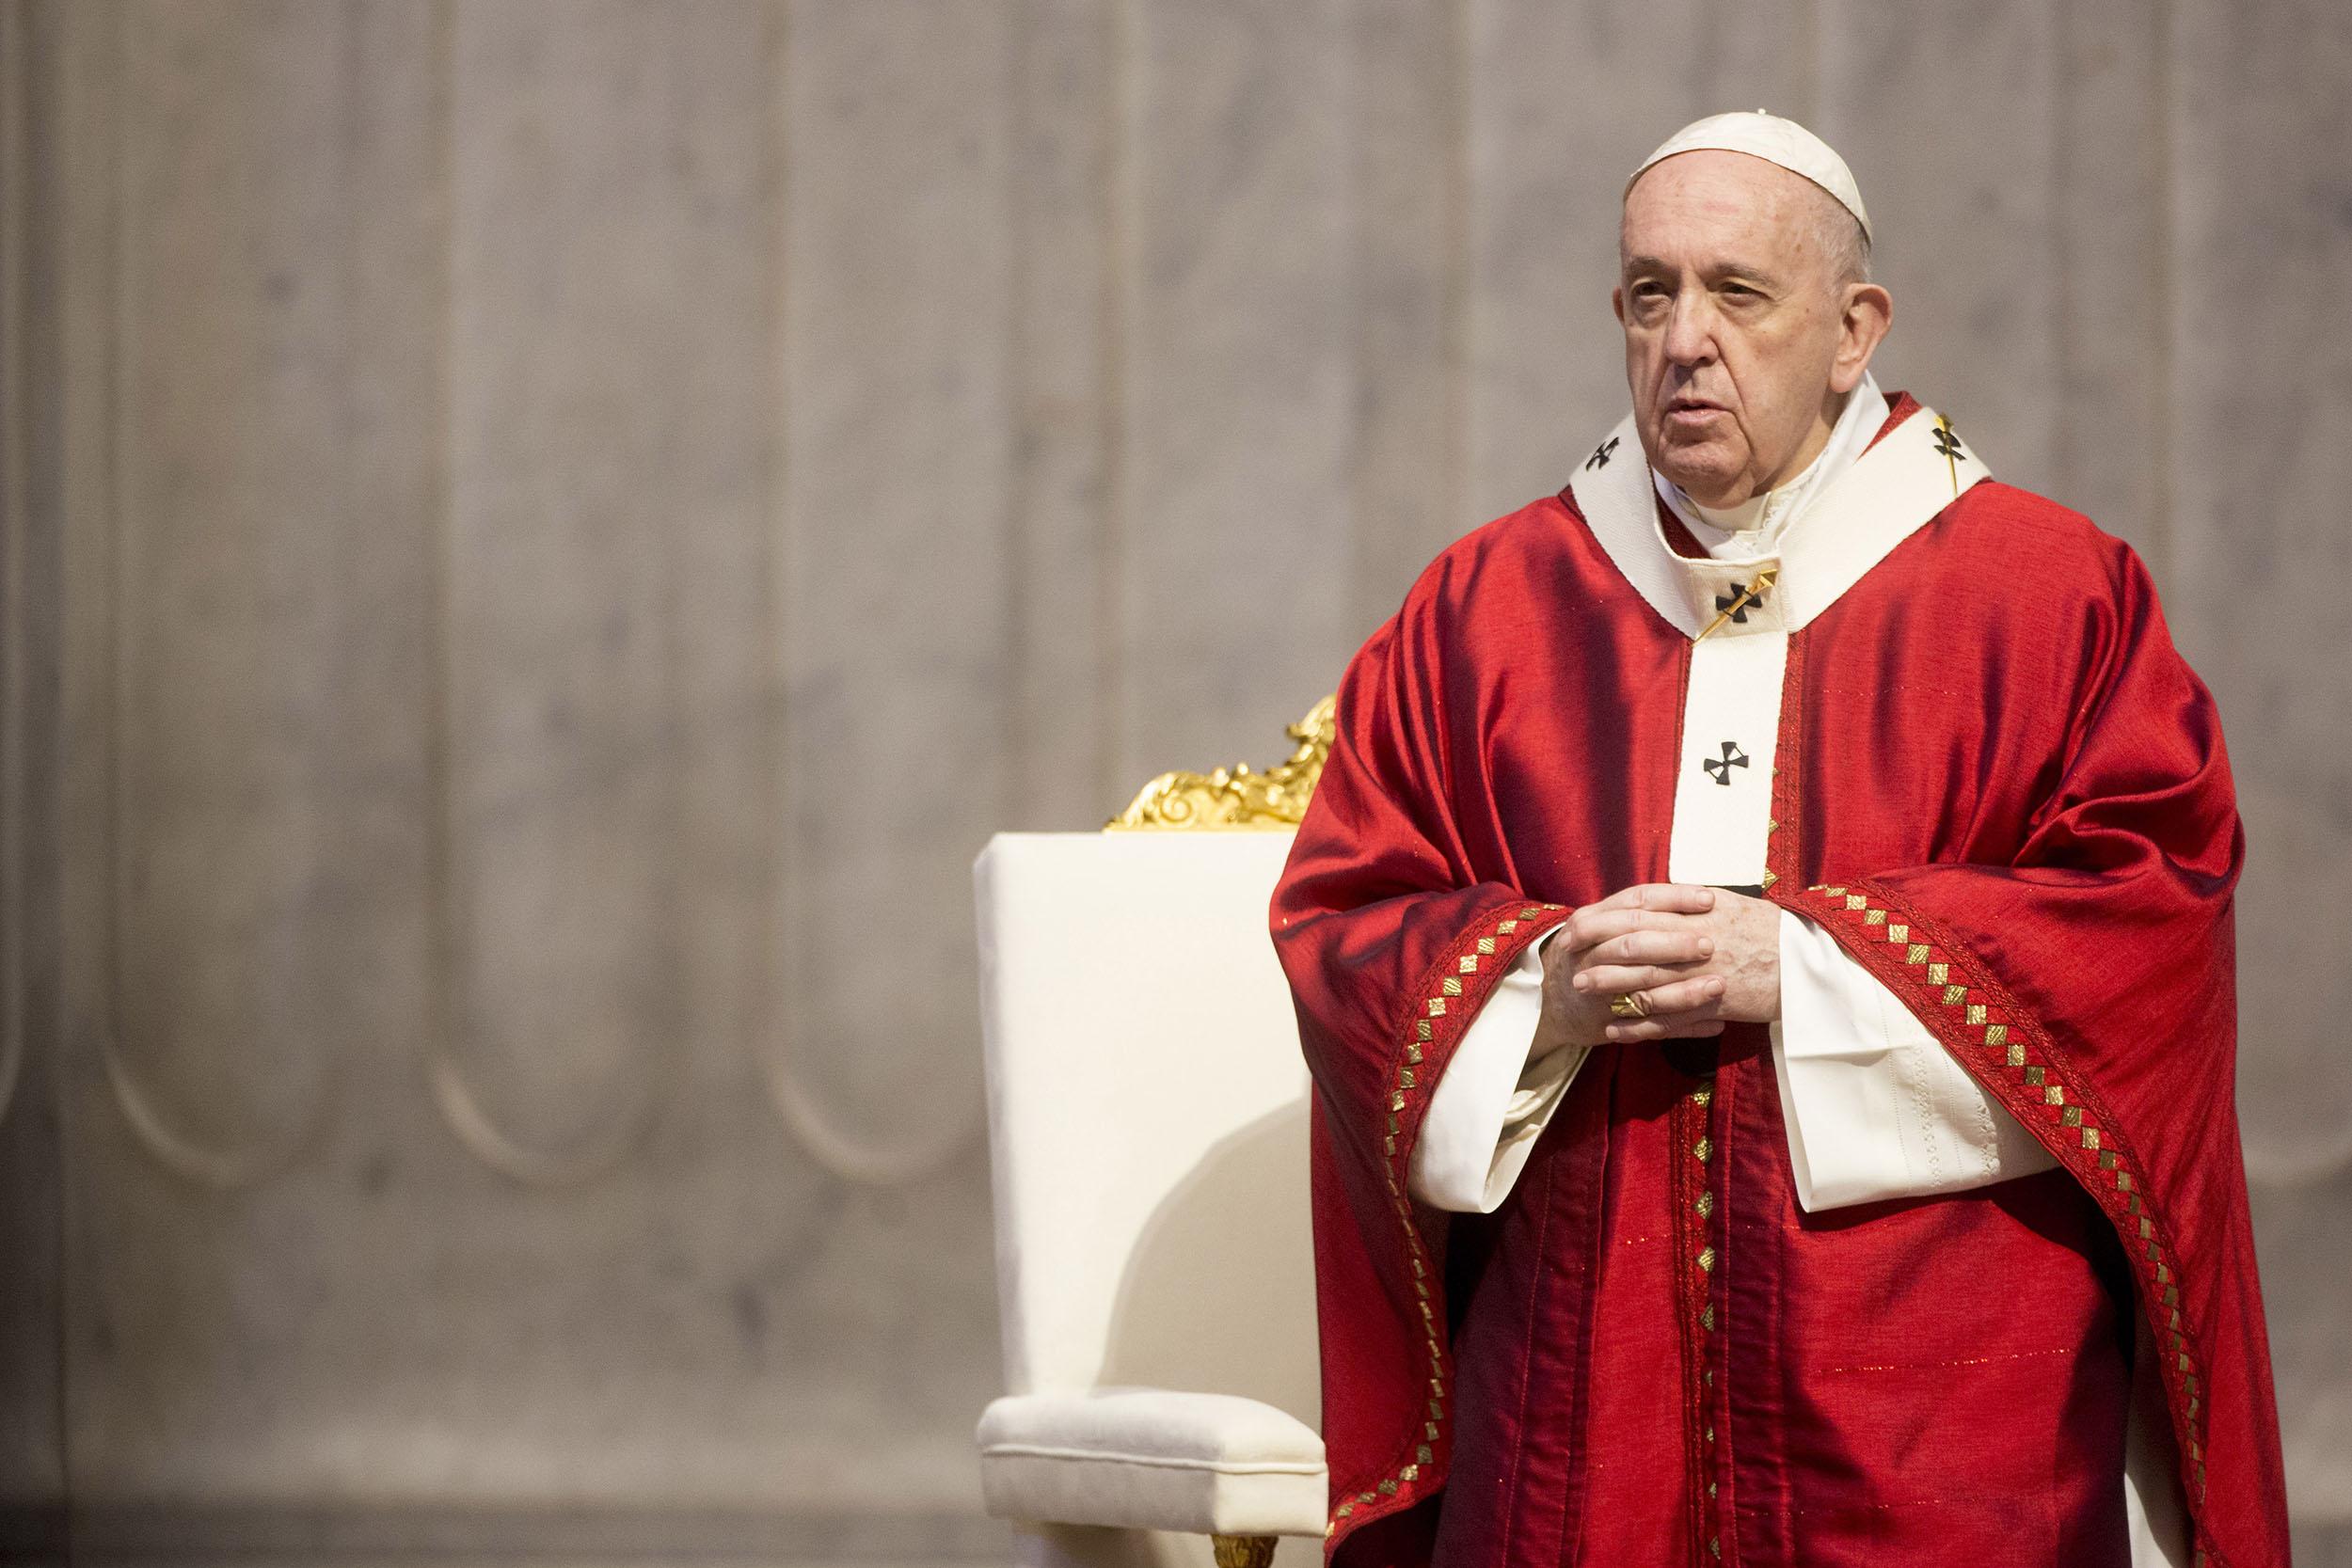 Papa Françesku e quan vdekjen e George Floyd tragjike dhe racizmin një mëkat